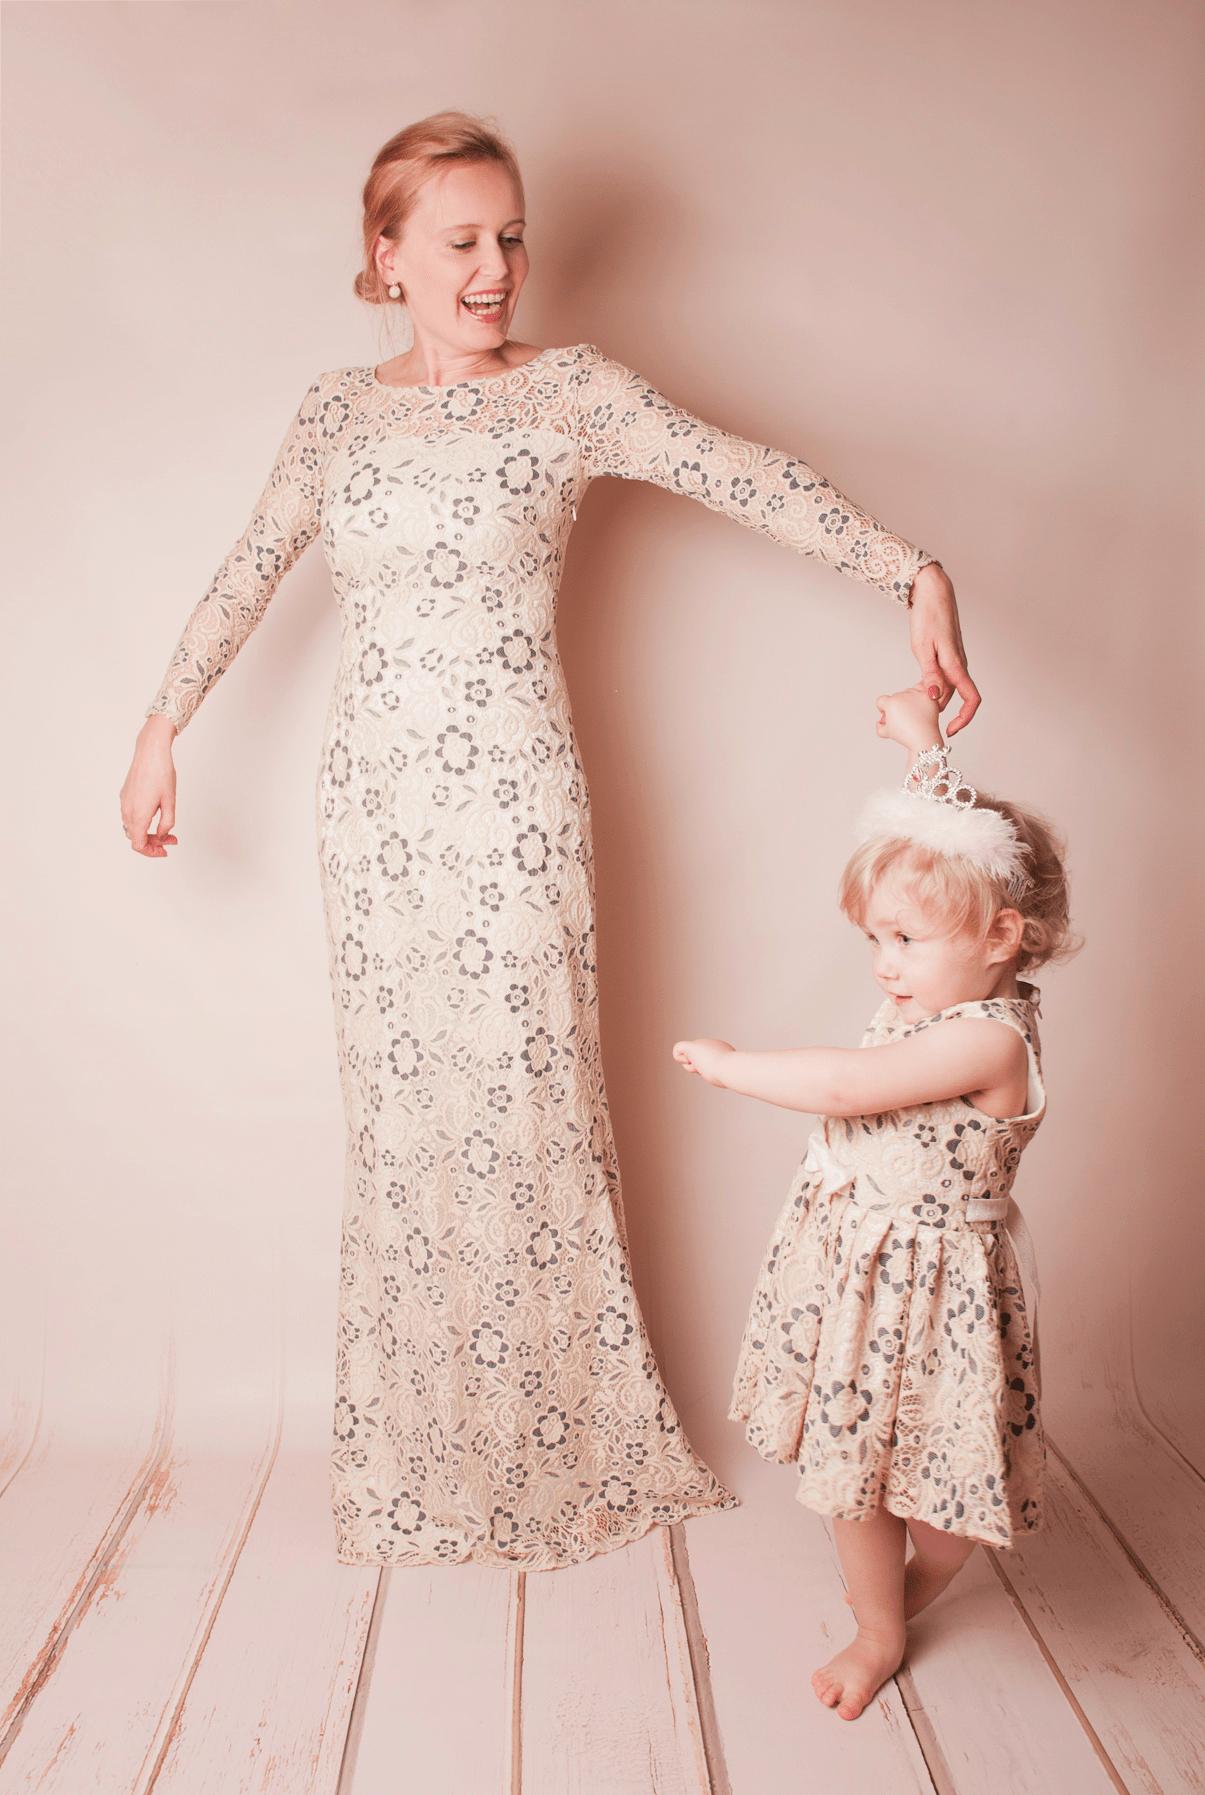 Hochzeit Mit Kind: Brautkleid Für Mama Und Tochter | Mutter